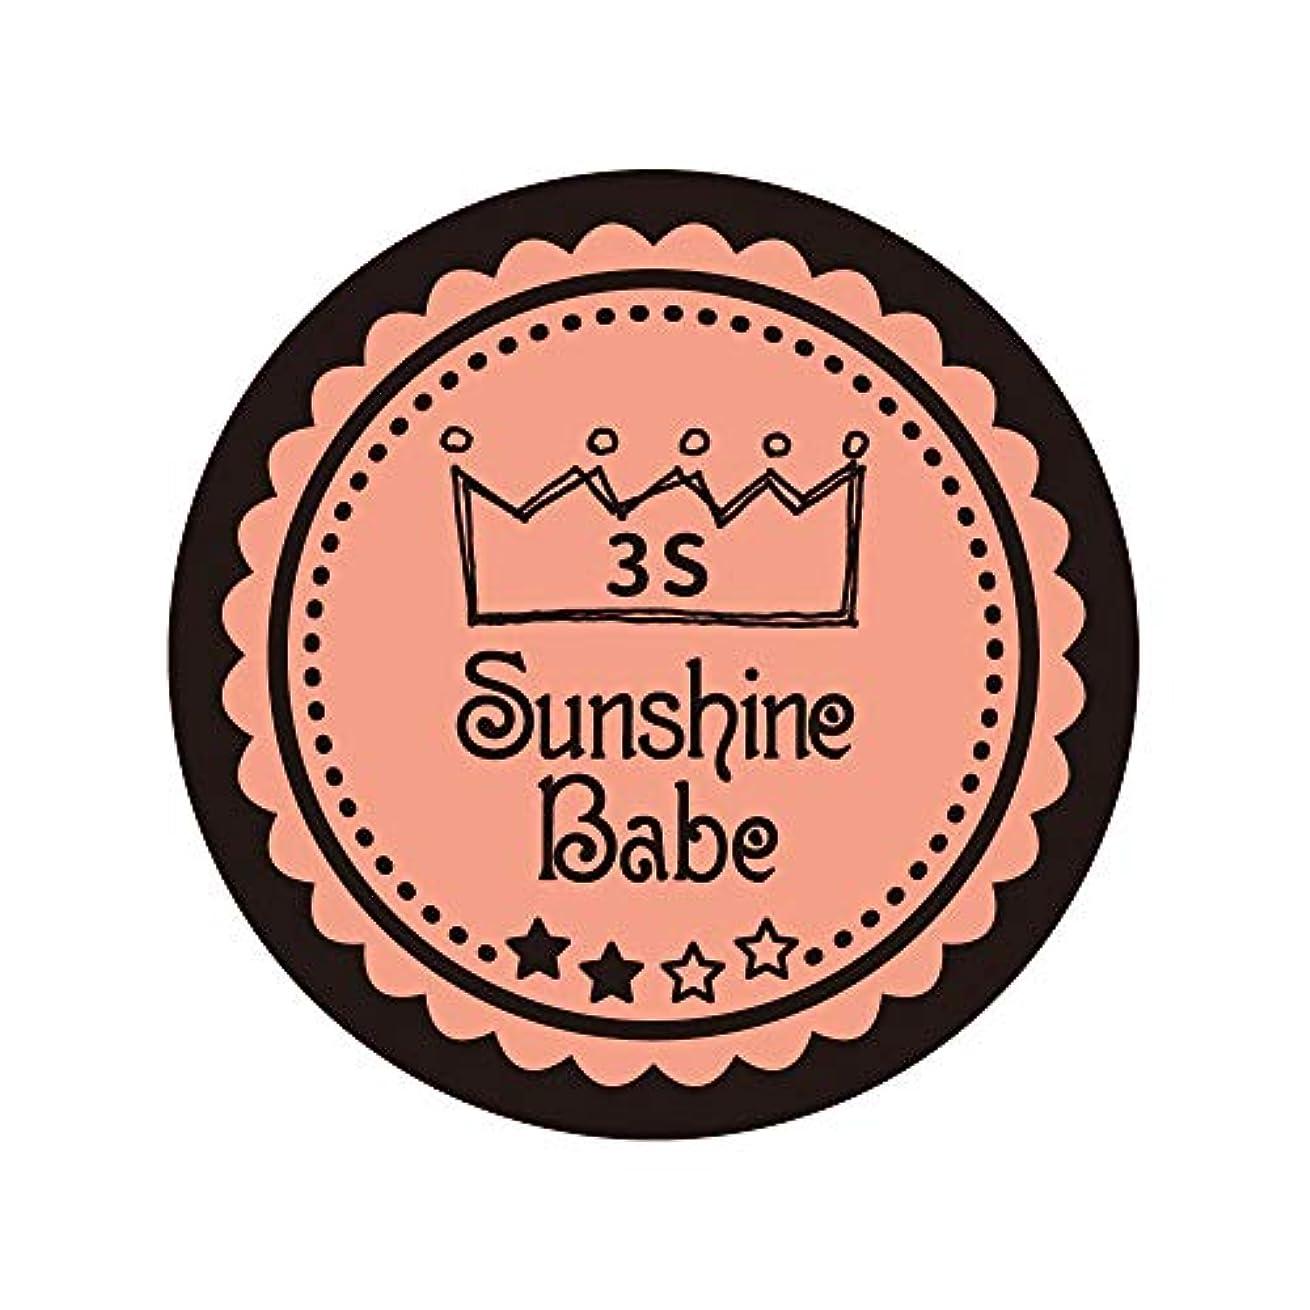 裁判所魅惑するコンプライアンスSunshine Babe カラージェル 3S ブルーミングダリア 2.7g UV/LED対応